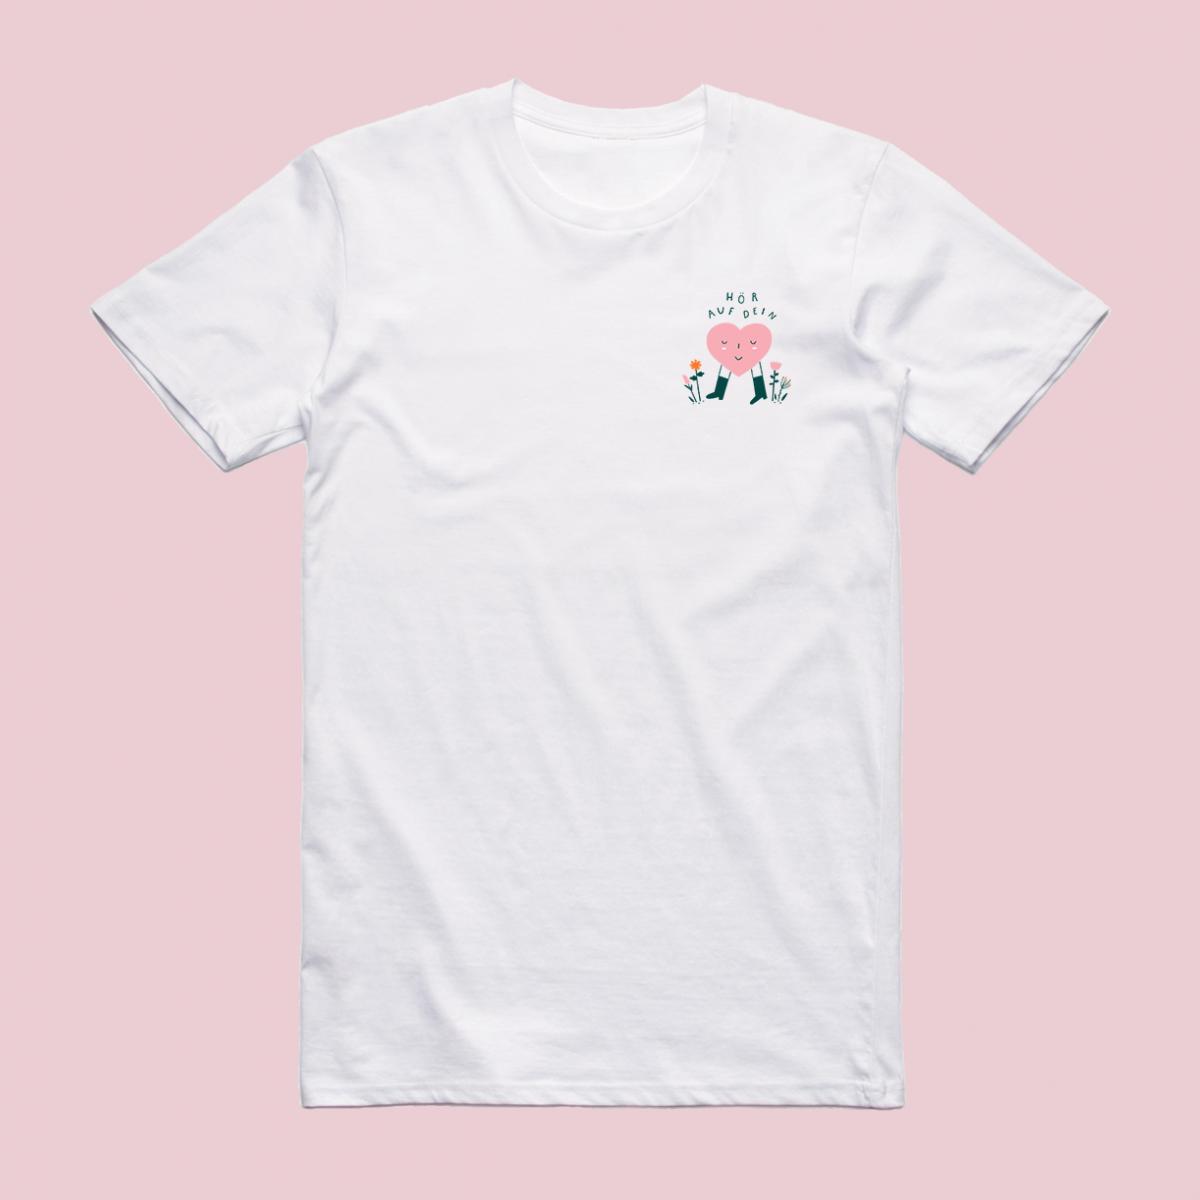 """Notietzblock Tshirt """"Hör auf dein Herz"""" kleines Print"""